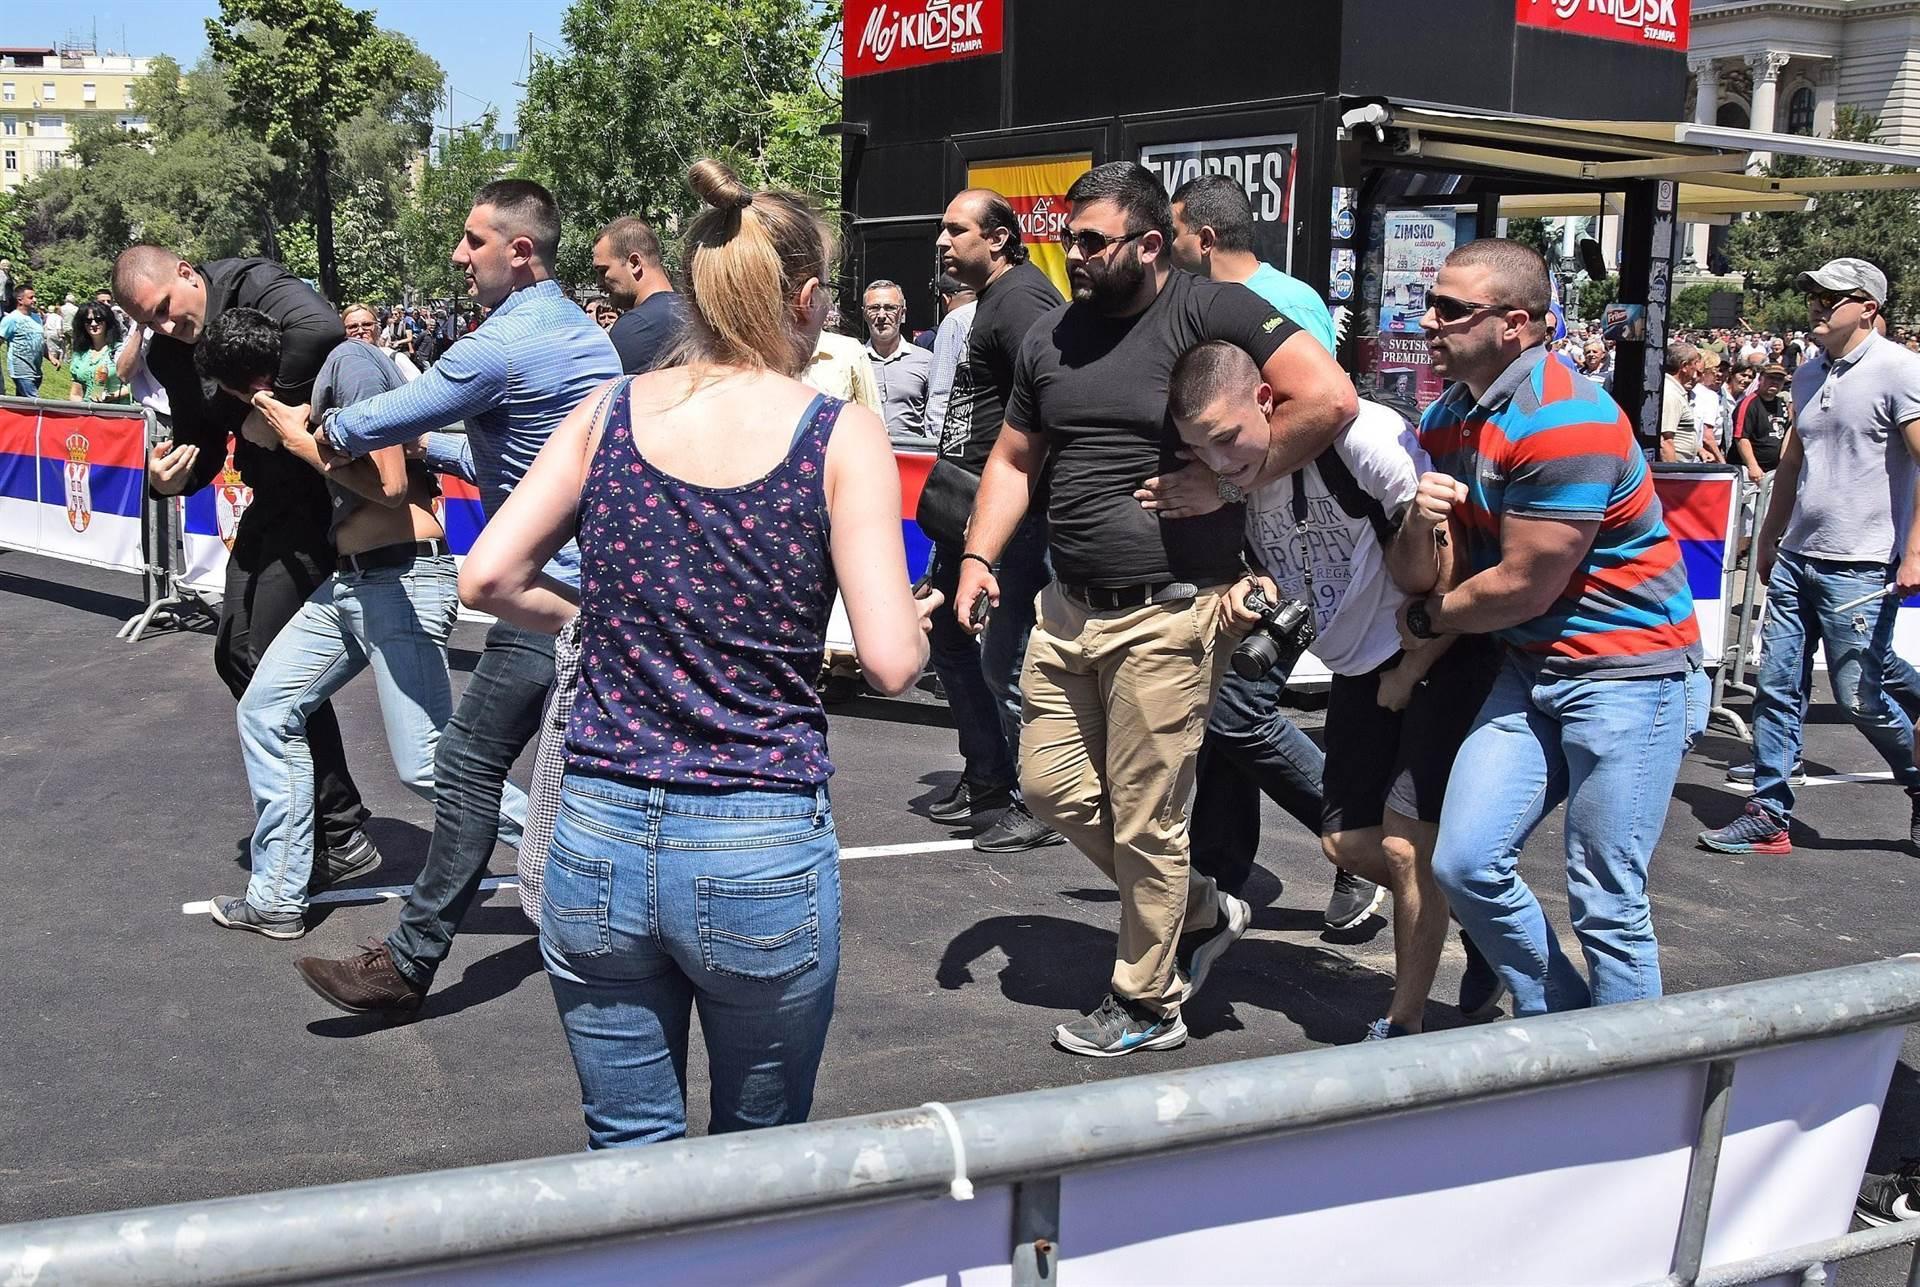 Igra protiv pravila: poslovi fudbalskih huligana u Srbiji